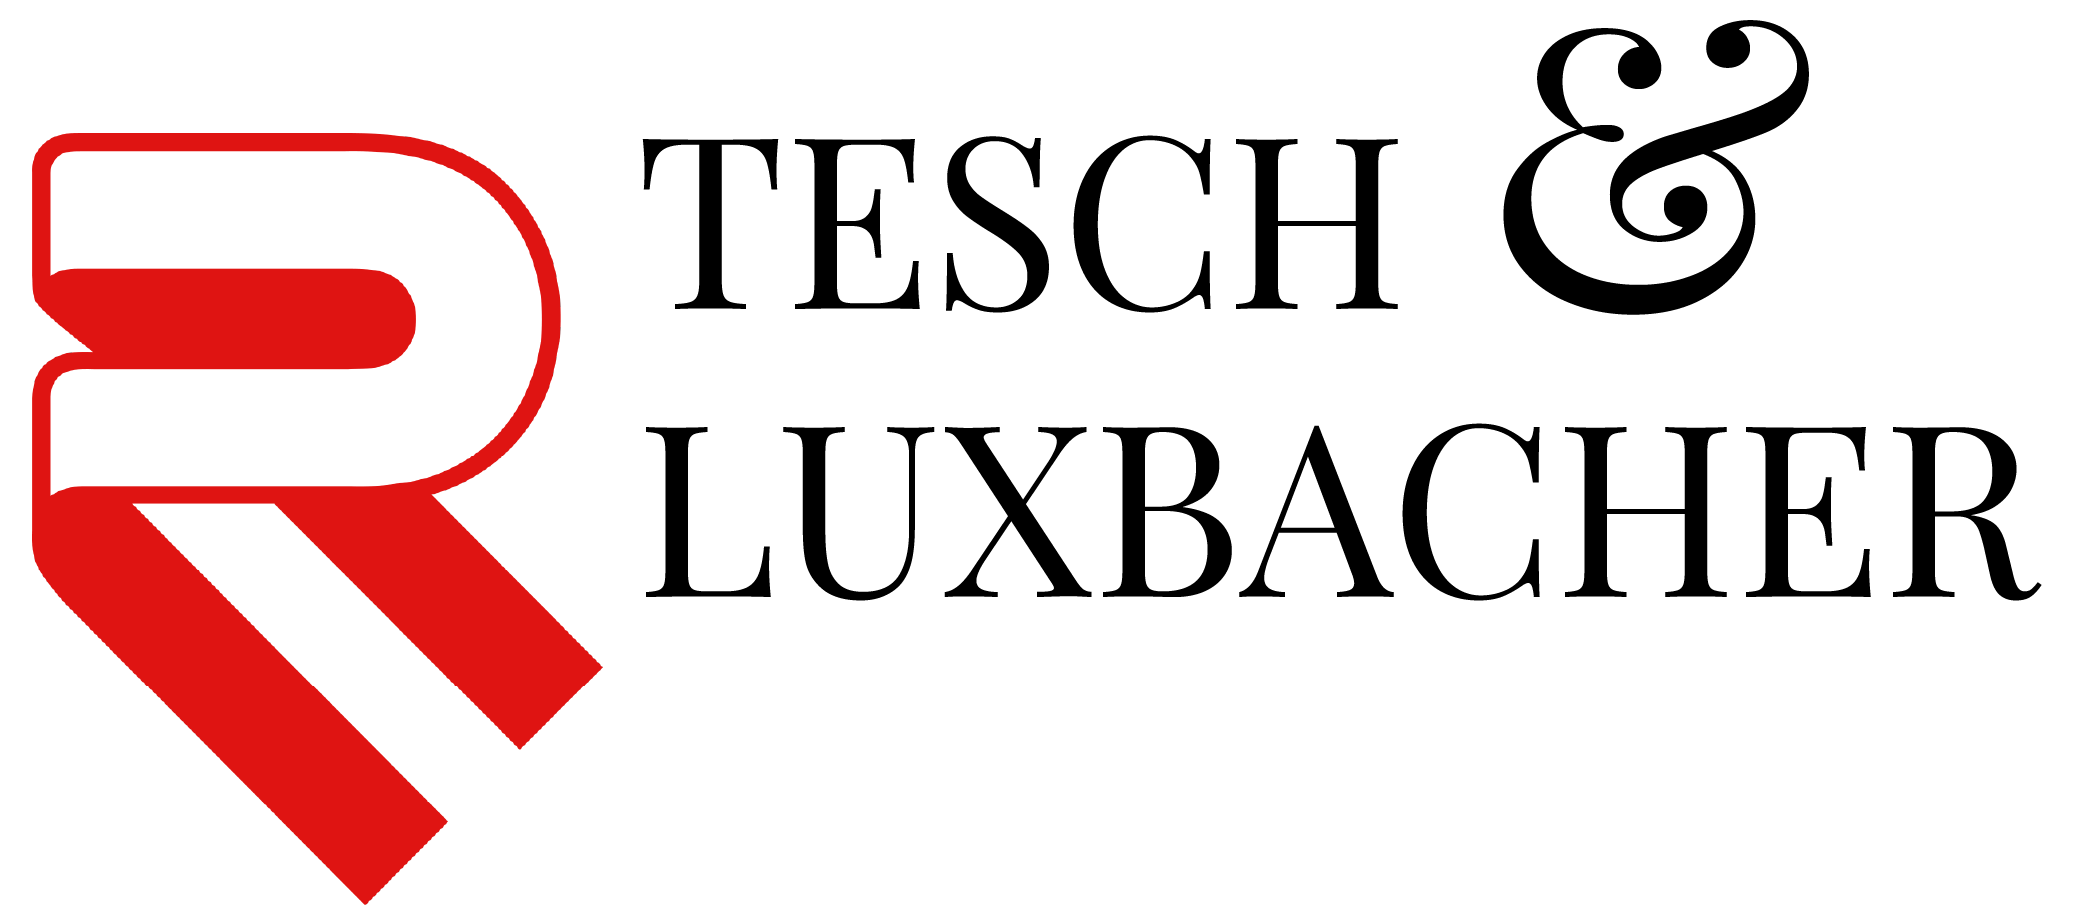 Tesch & Luxbacher - Logo